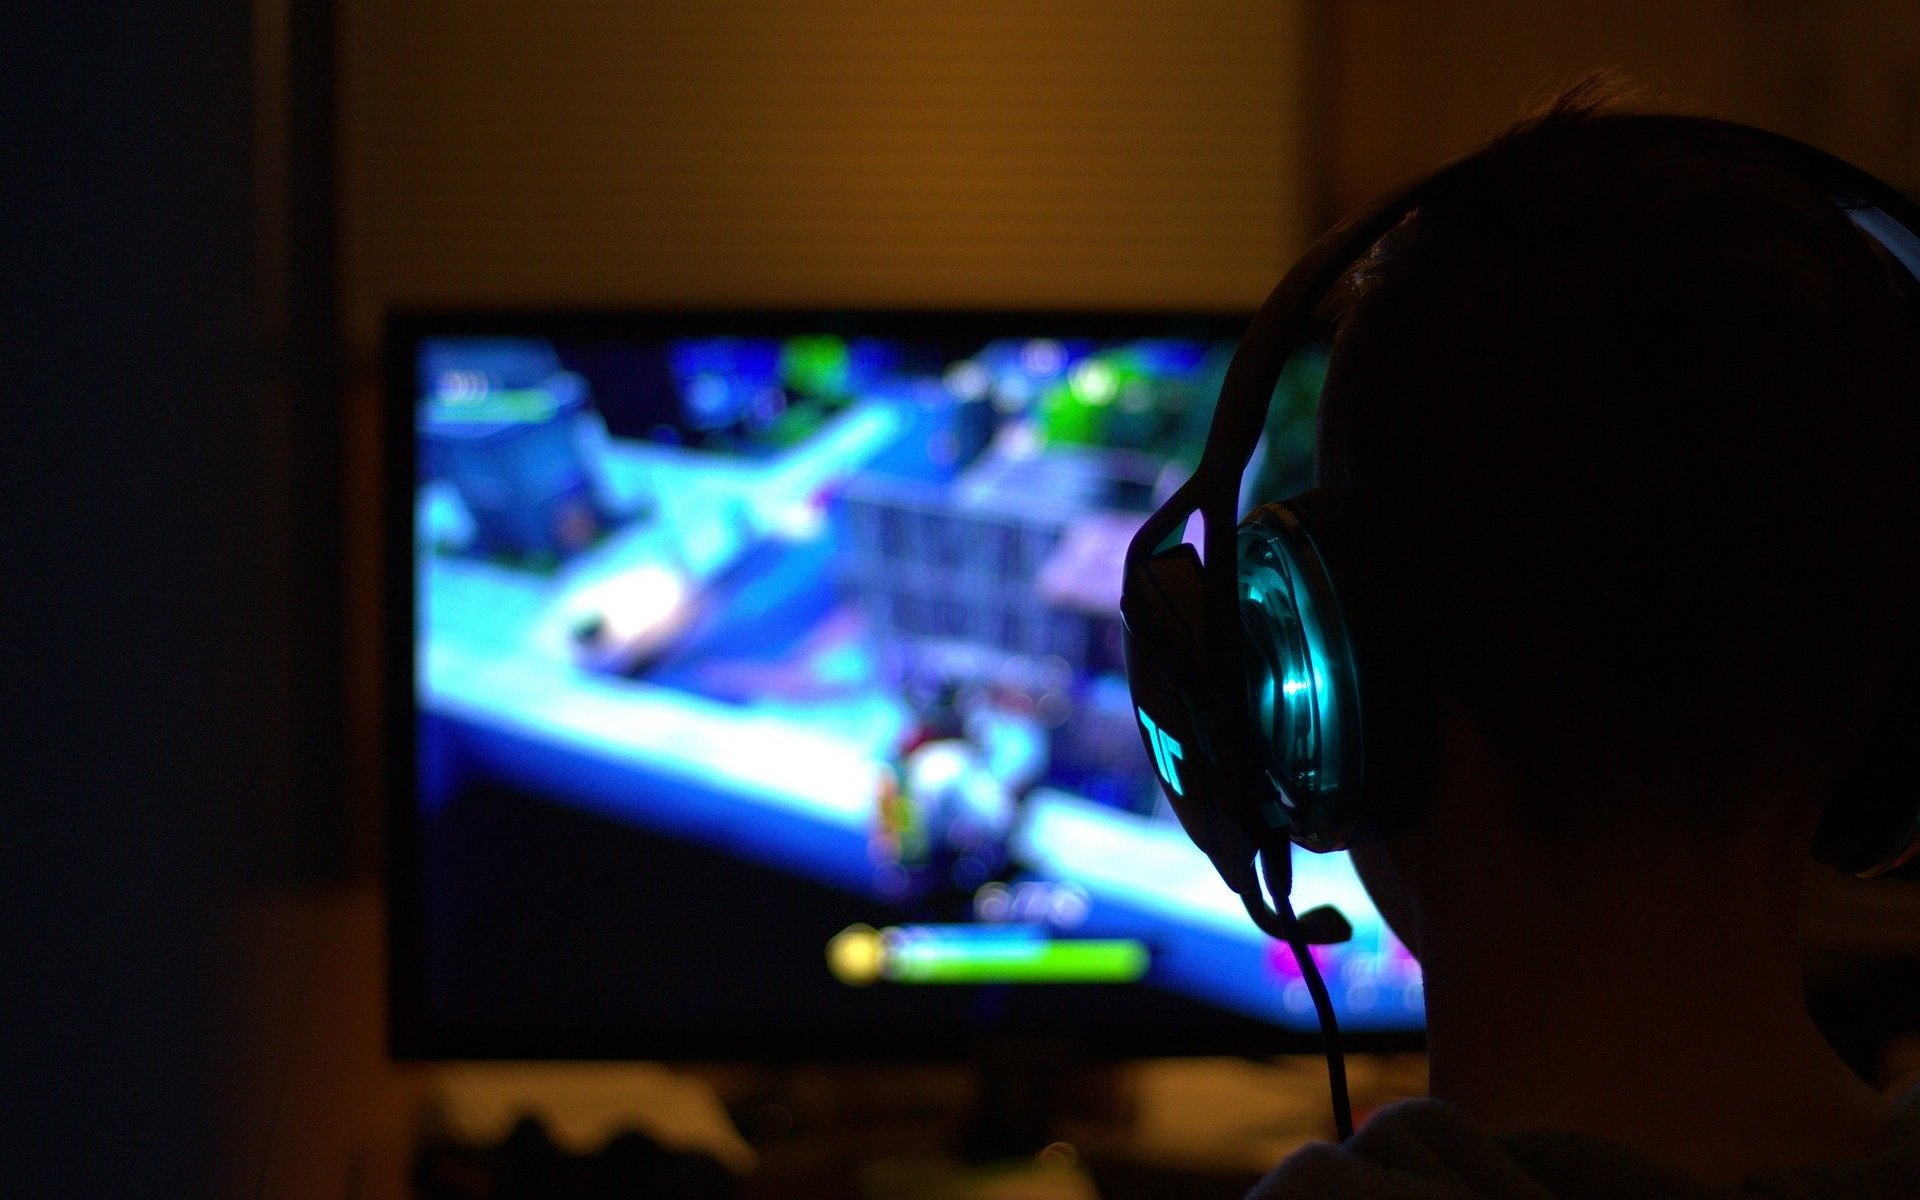 gamer fortnite headset bildschirm